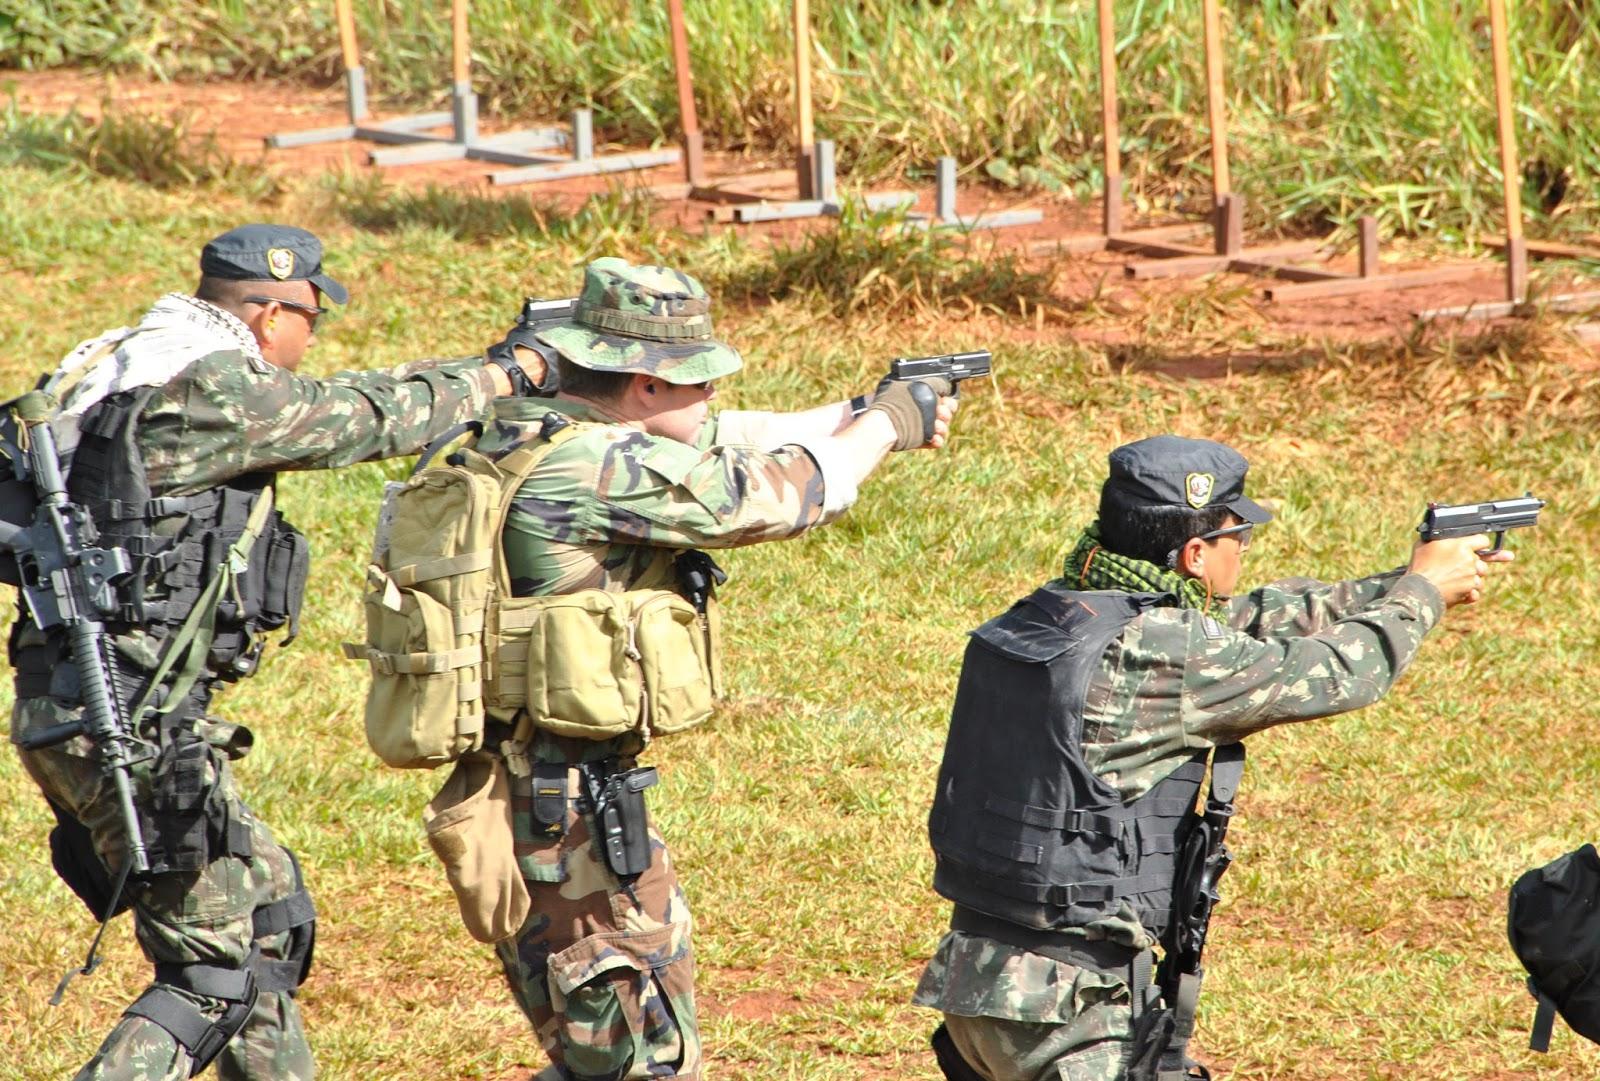 Fotografia 1  Quadros operacionais do 1° BFEsp (1° Batalhão de Forças  Especiais) do Exército Brasileiro executam exercício de tiro com armamento  de Backup ... a9da3244c9c